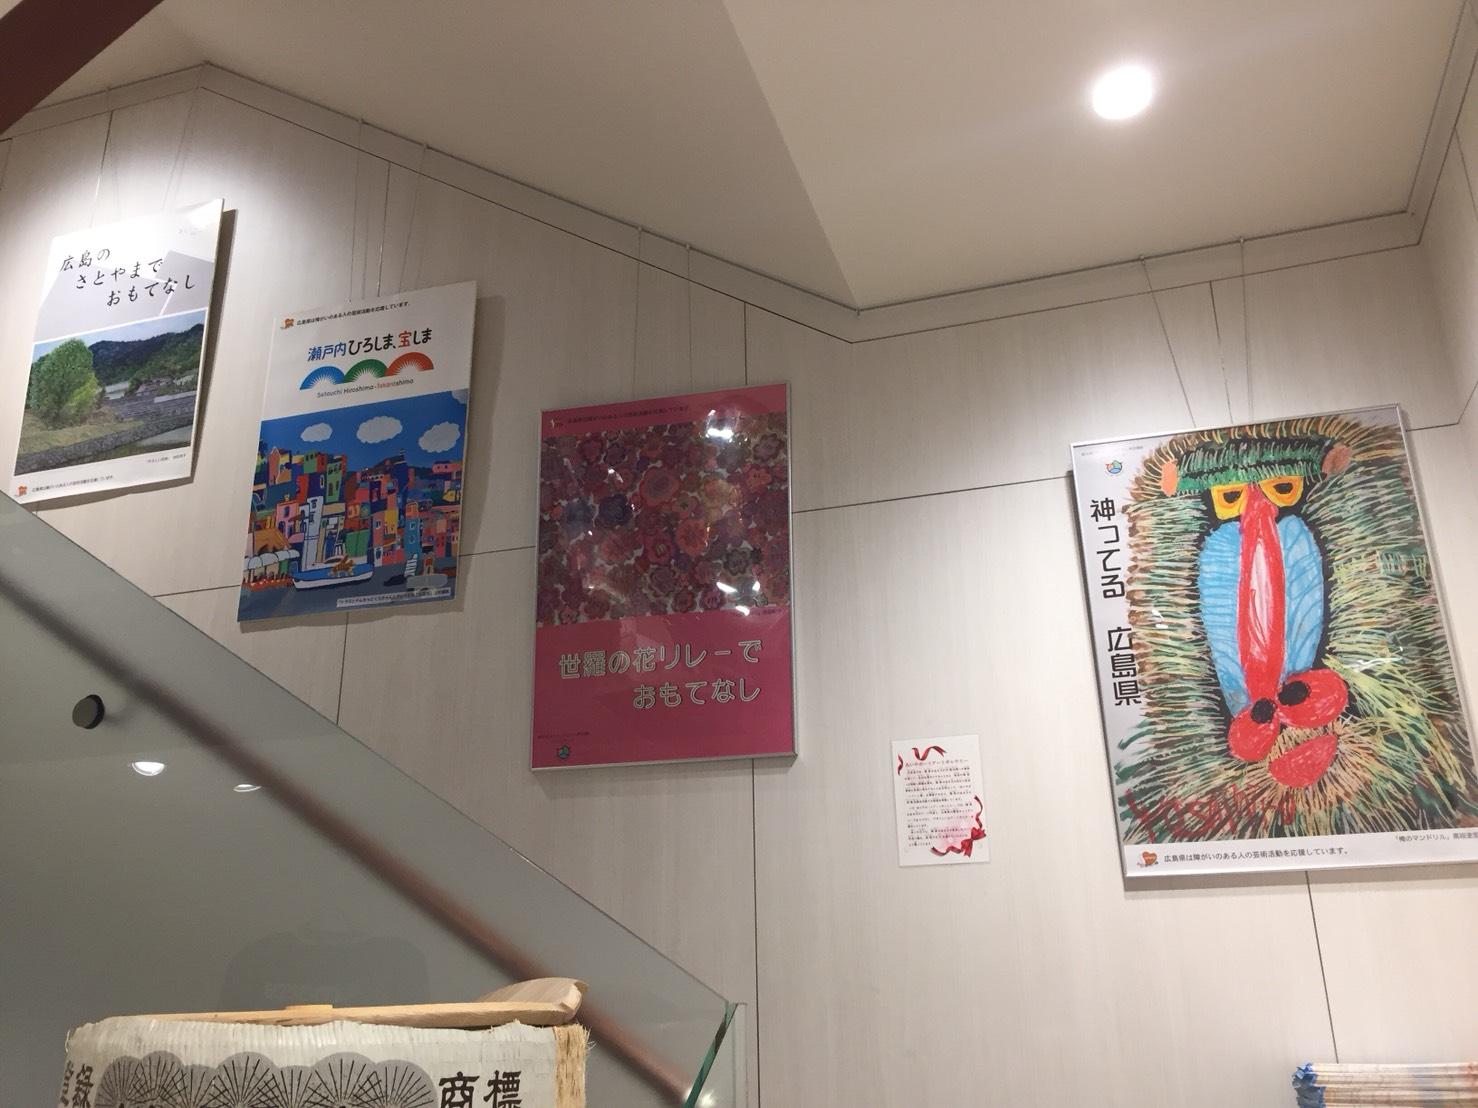 『がんばろう広島』 「あいサポートアートギャラリー in TAU」を開催!